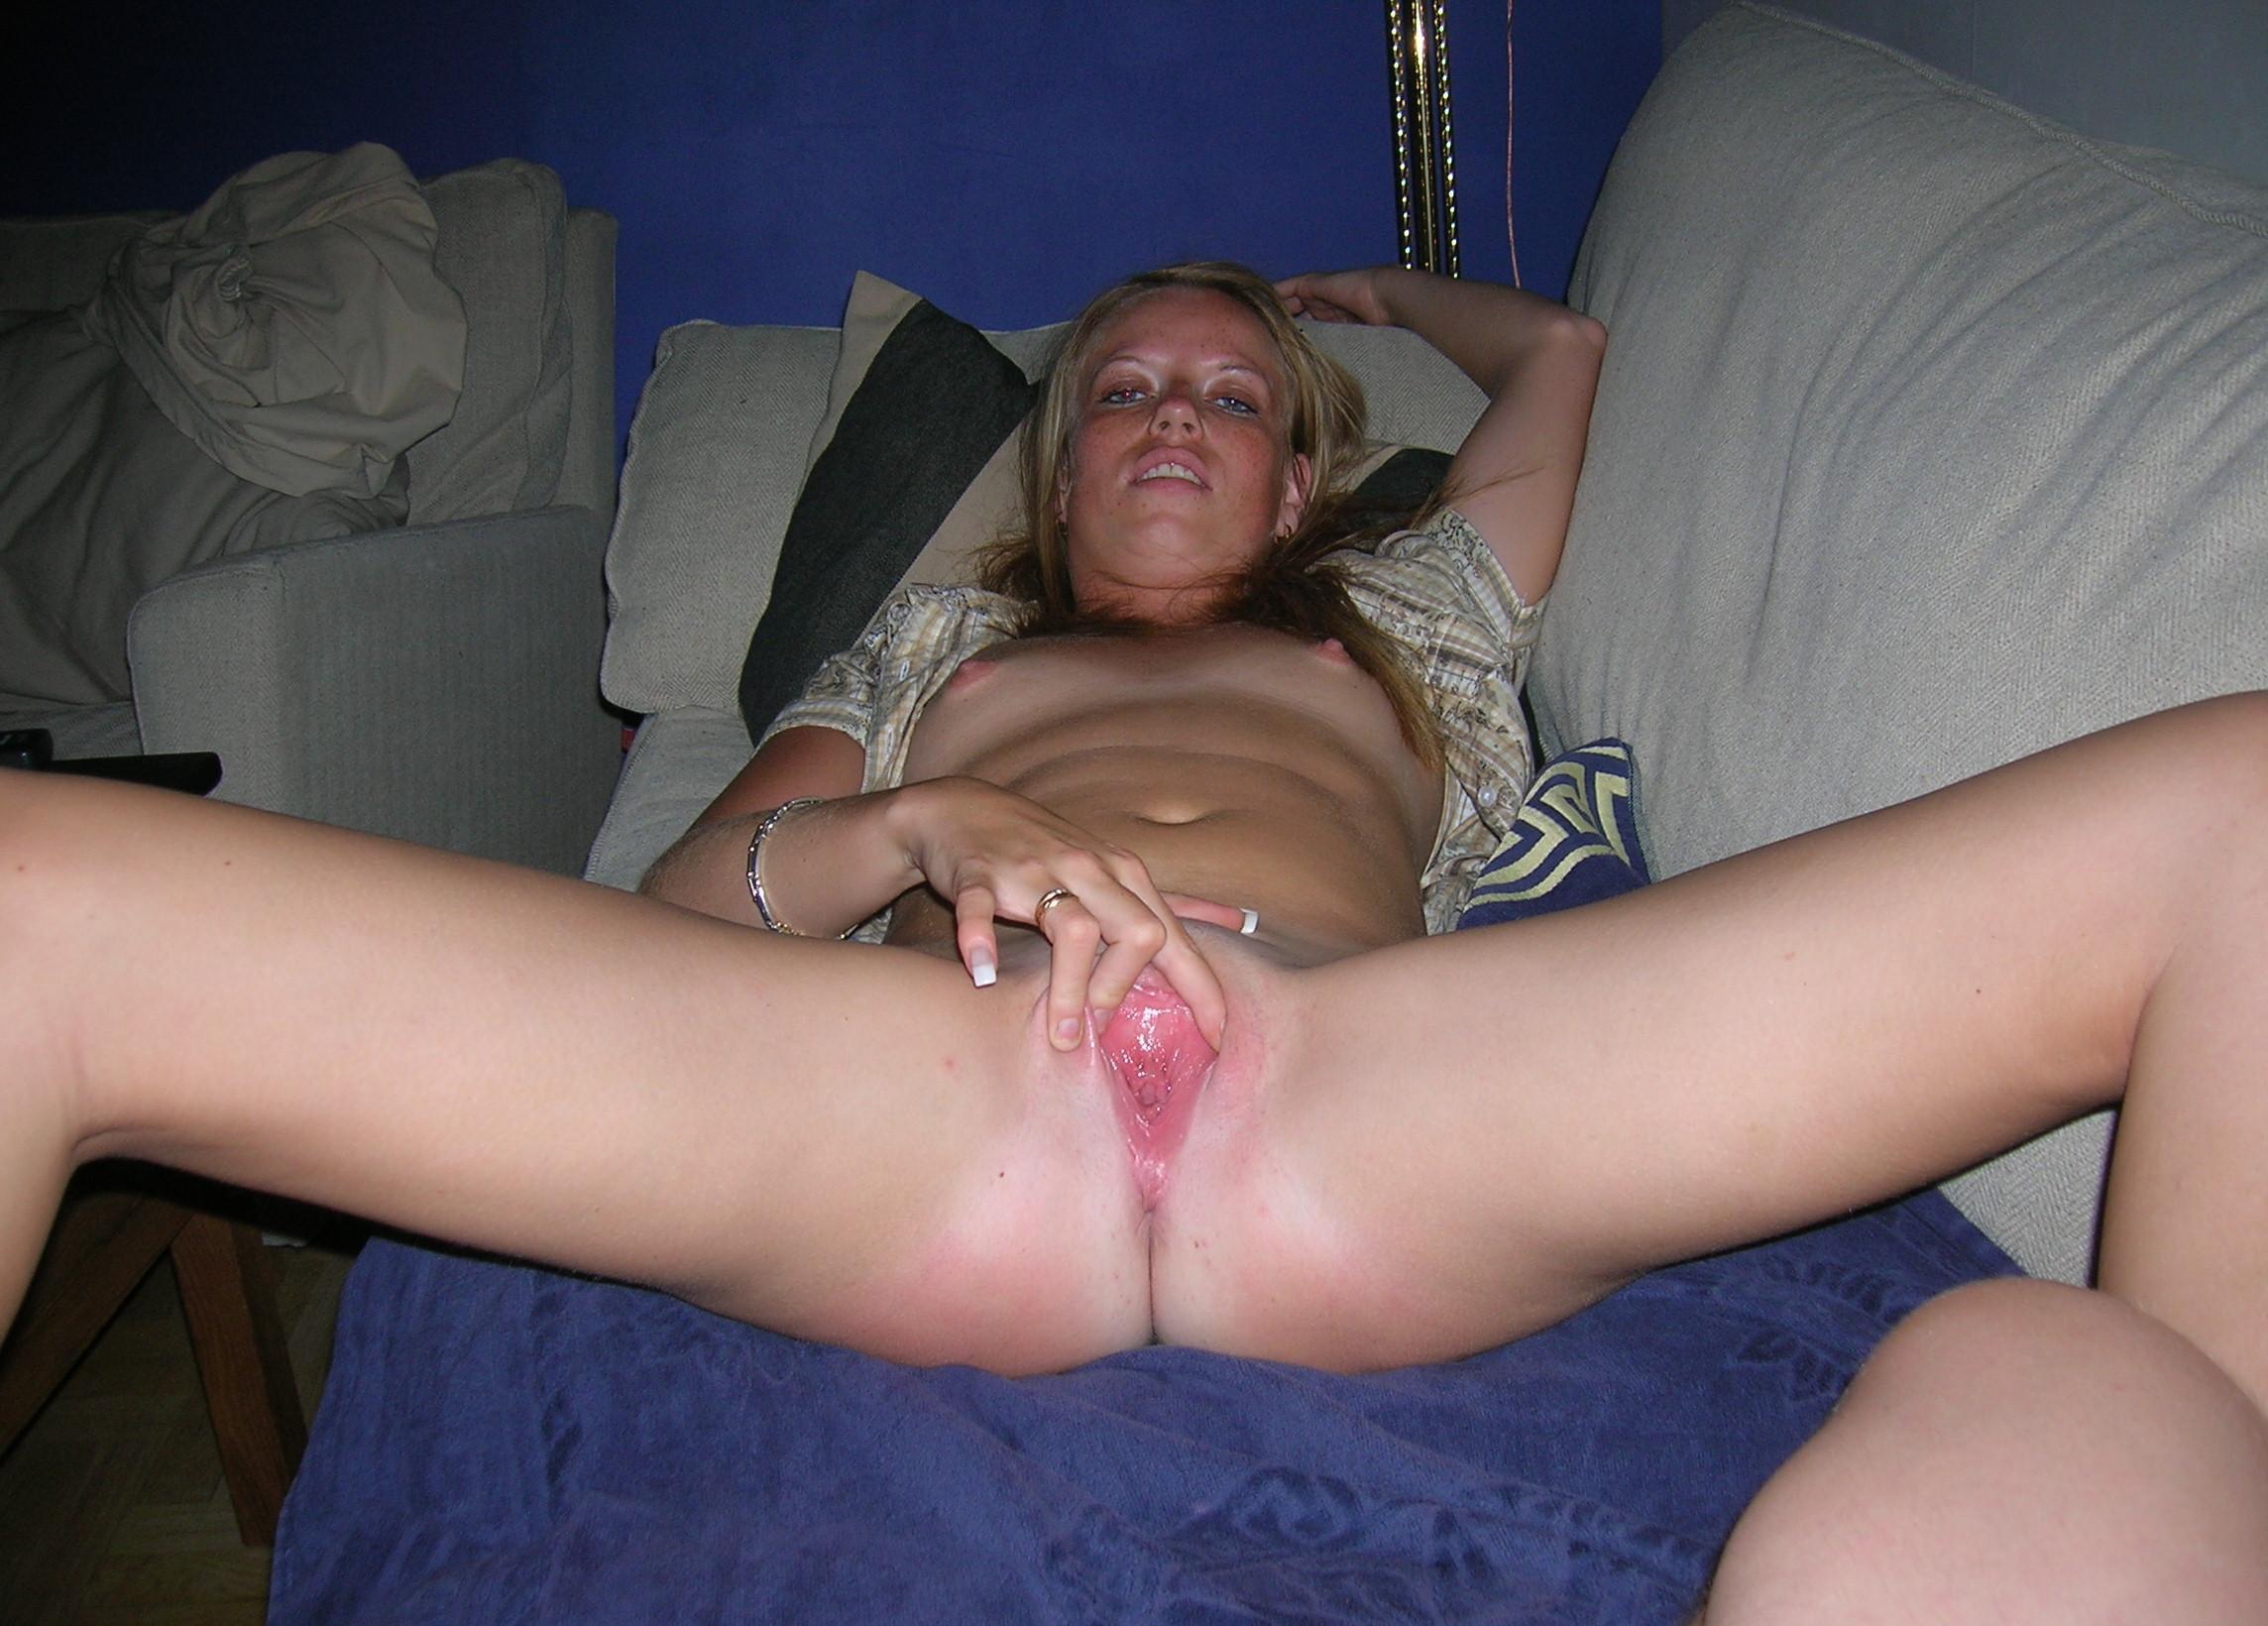 zhena-blyad-orgazm